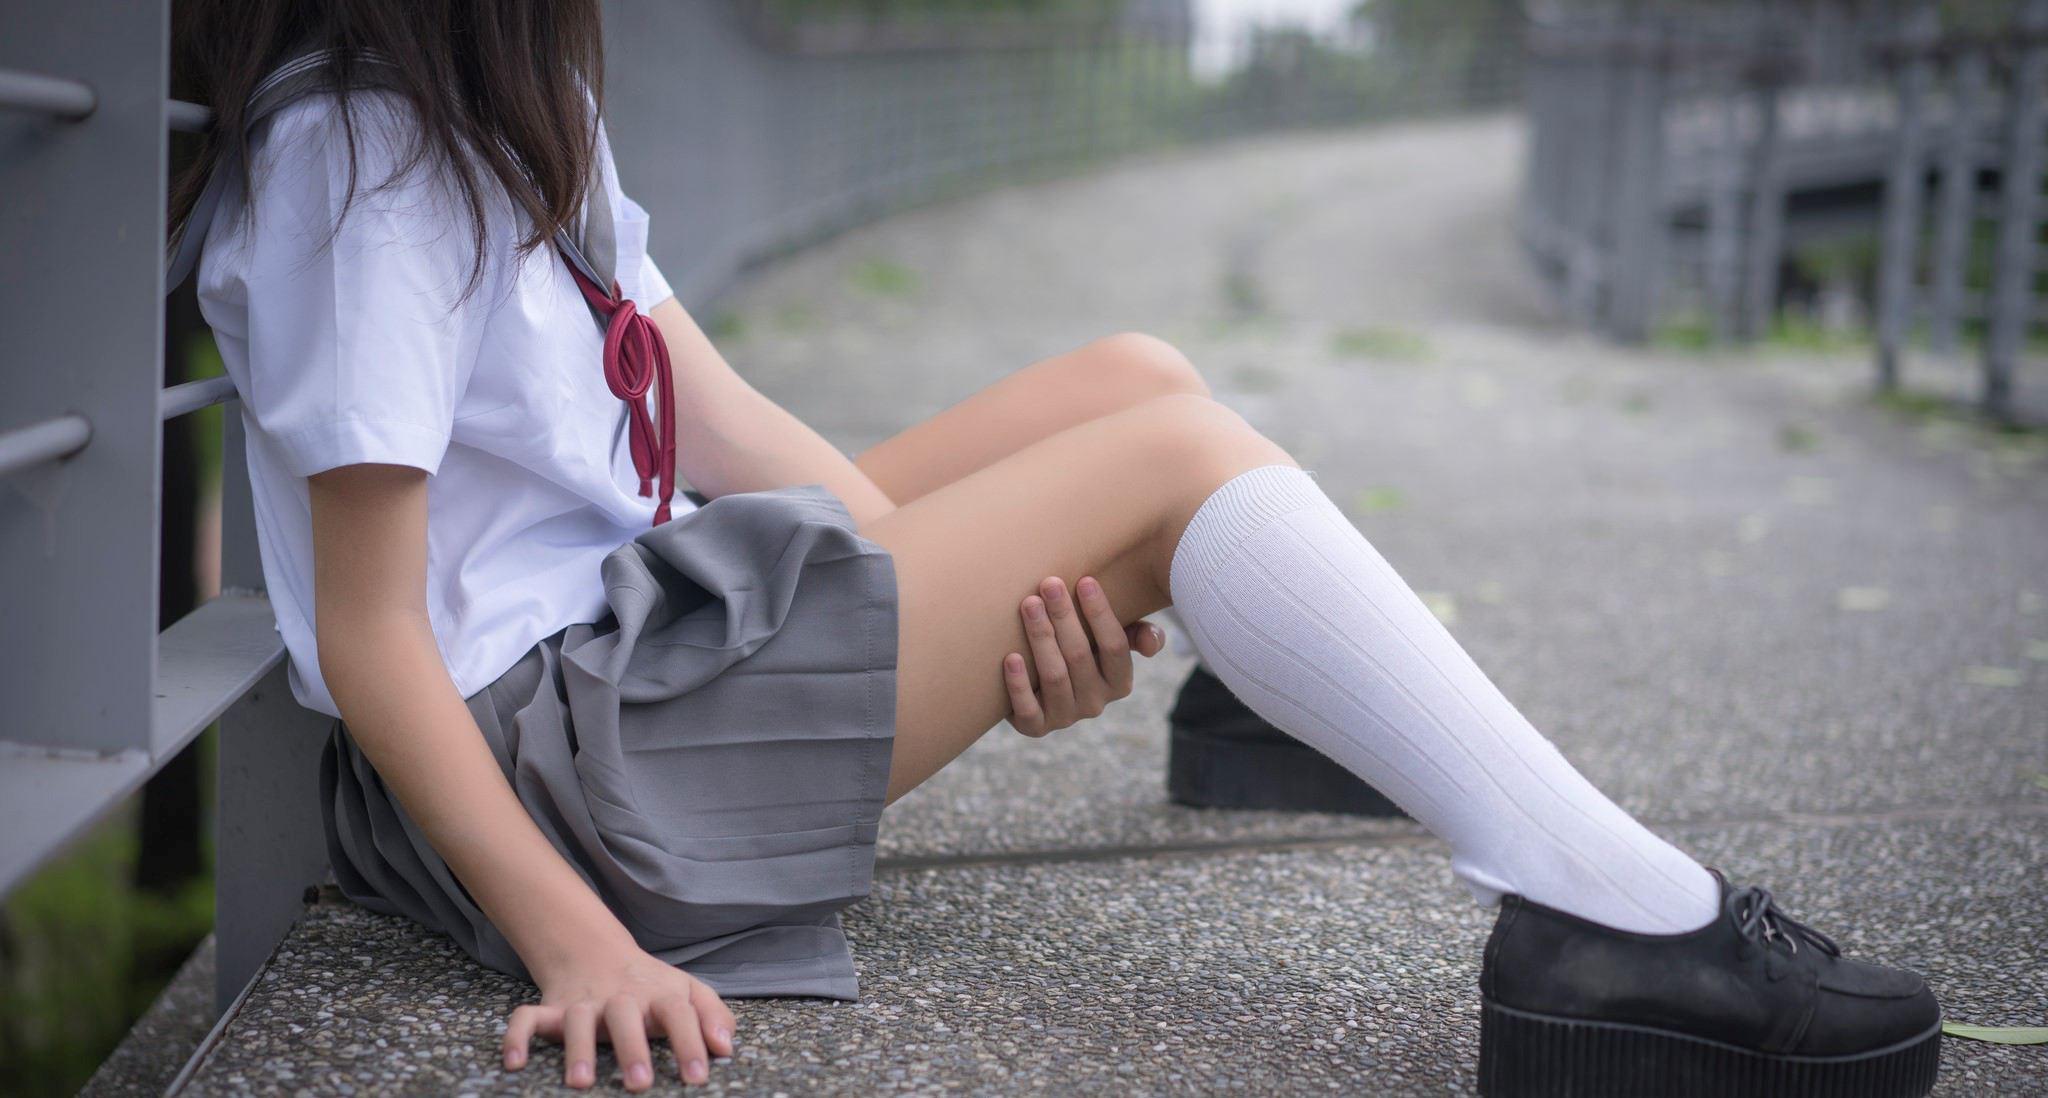 【兔玩映画】腿控福利 兔玩映画 第52张